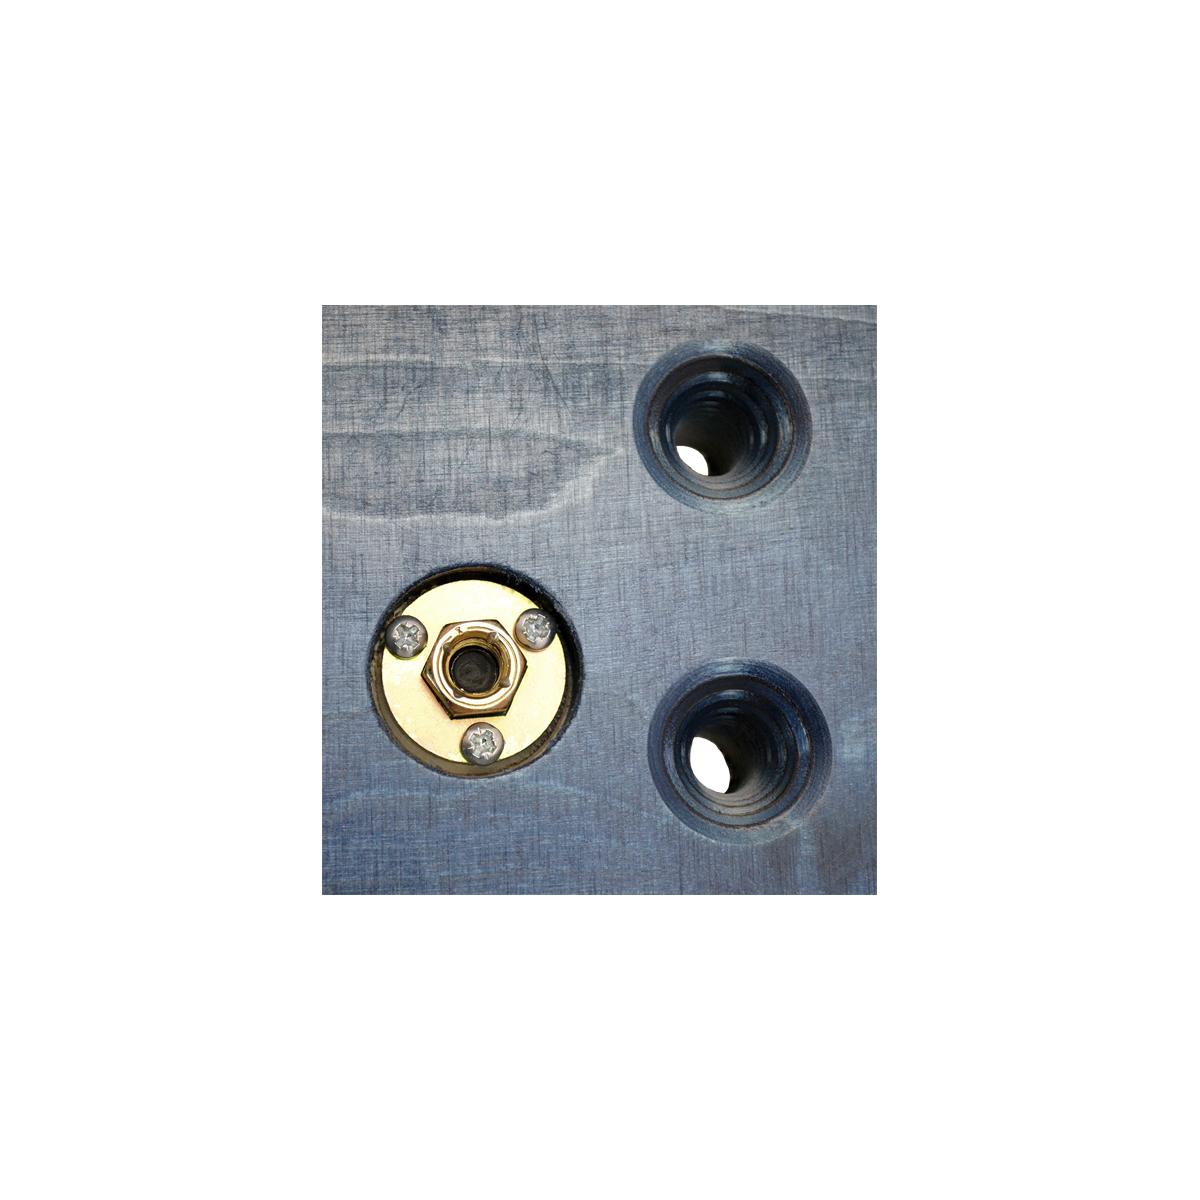 022-610-007 Easy Nut Kit